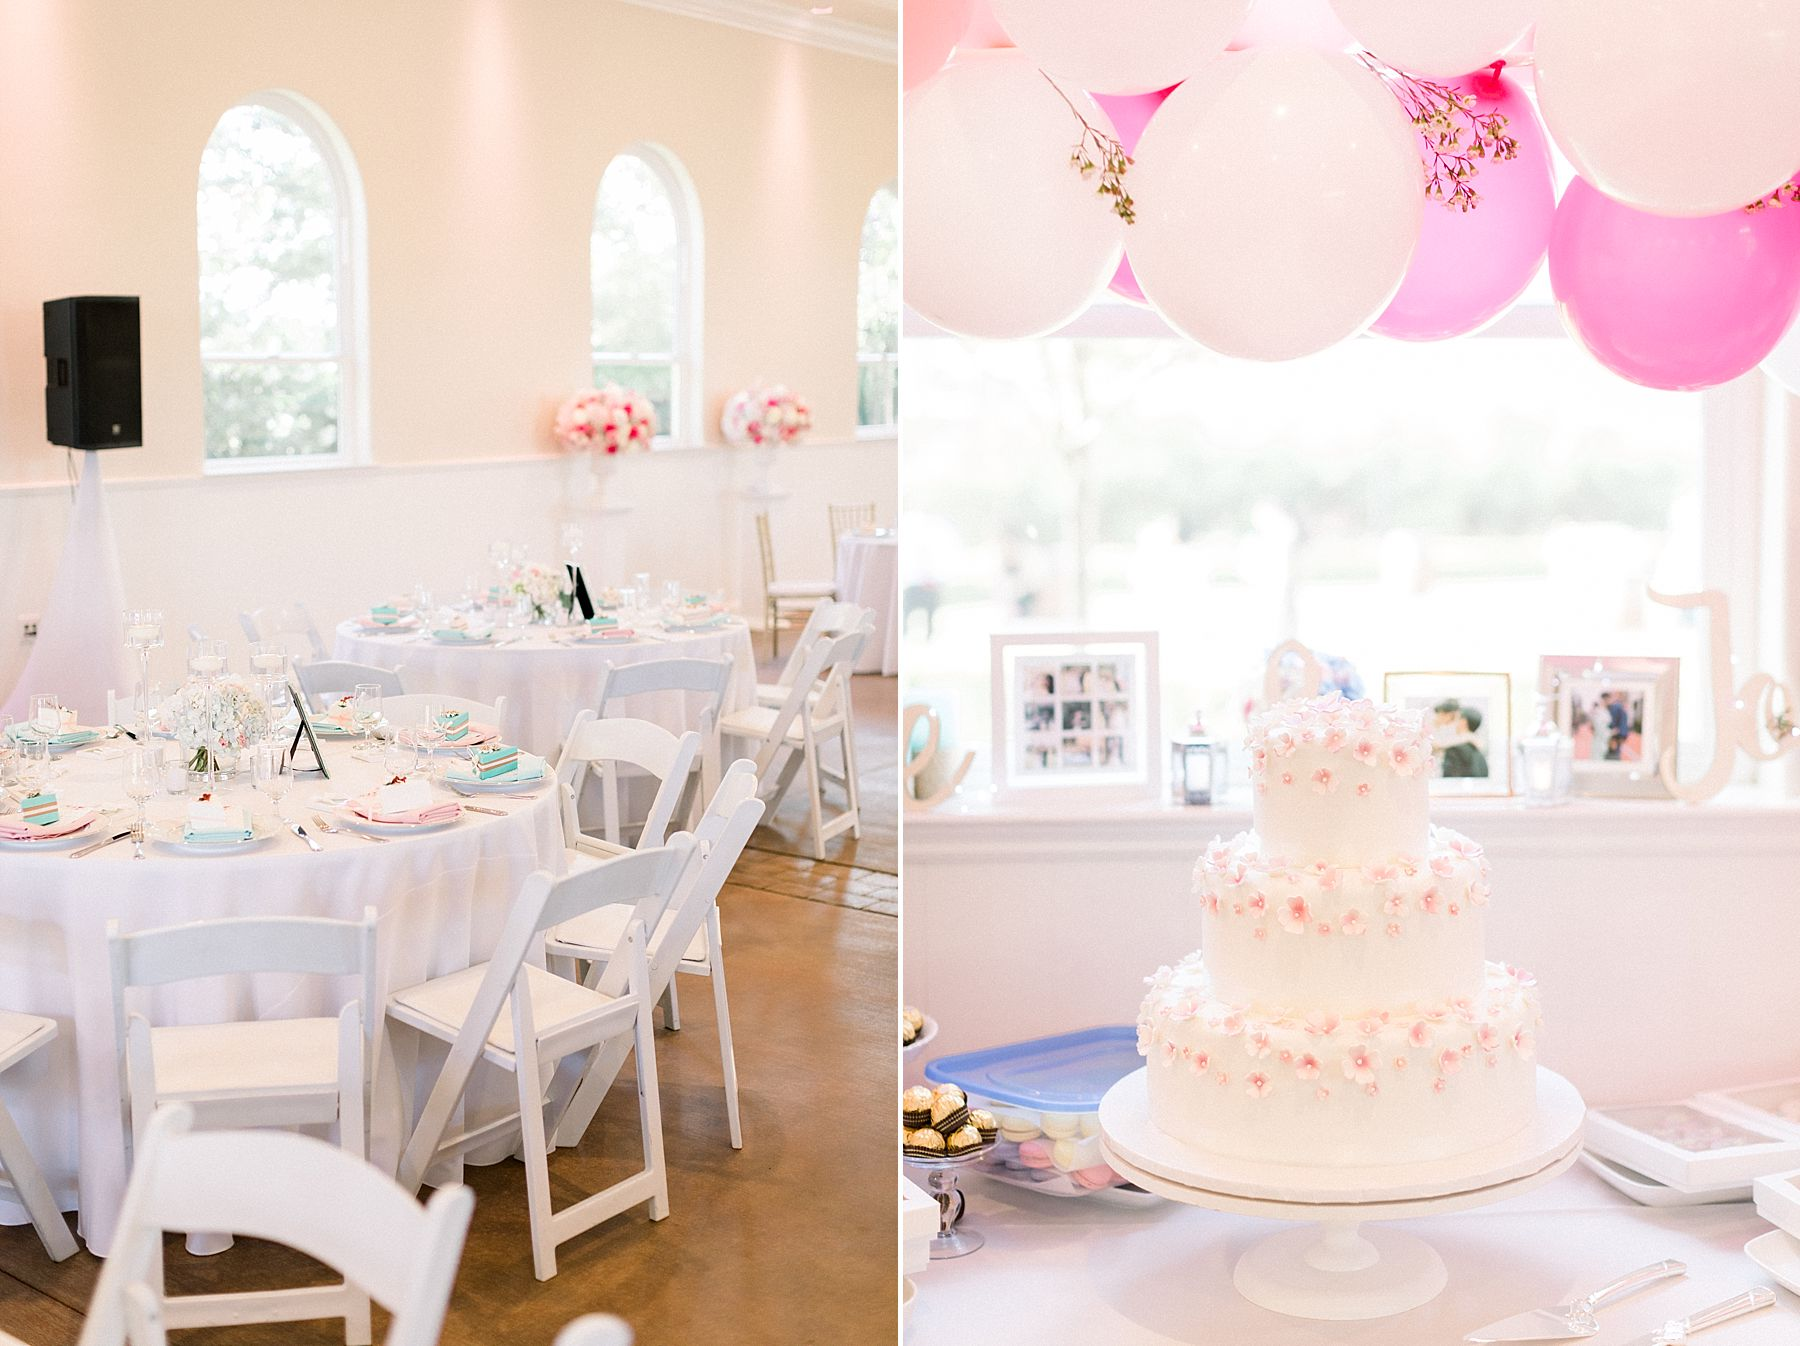 Newberry Estate Vineyards Wedding - Ashley Baumgartner - Jasmine and Johhny - Bay Area Wedding Photographer - Sacramento Wedding Photographer_0043.jpg